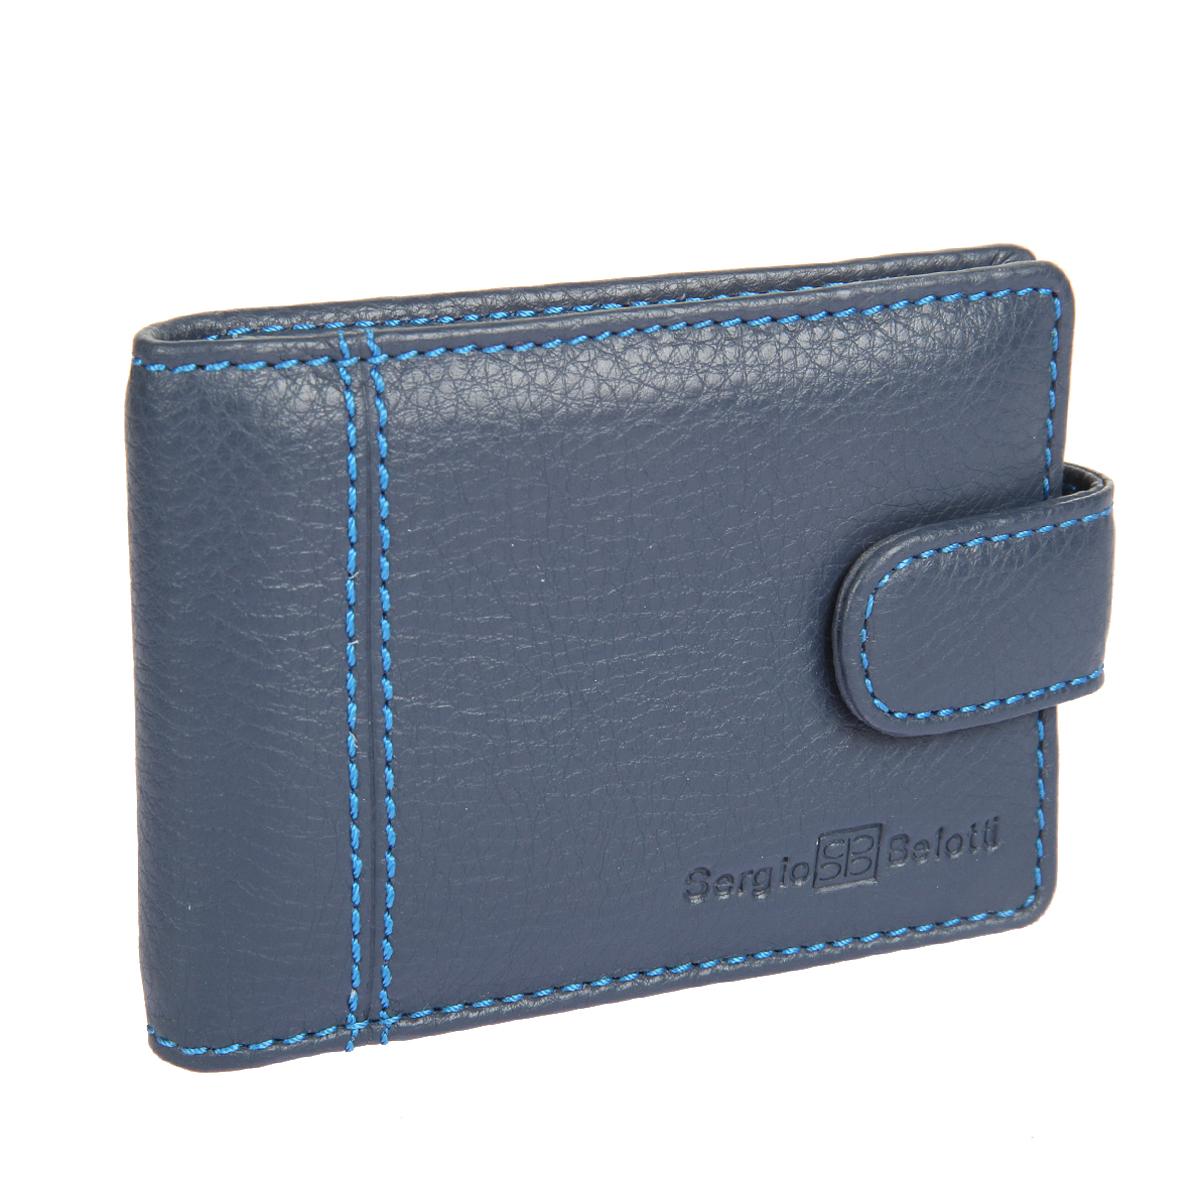 Визитница Sergio Belotti, цвет: темно-синий. 29292929 indigo jeansСтильная визитница Sergio Belotti выполнена из натуральной высококачественной кожи и оформлена фактурным тиснением, названием и логотипом бренда на лицевой стороне, декоративной прострочкой. Изделие закрывается хлястиком на металлическую кнопку. Внутри - четыре кармашка для визиток и кредитных карт, боковой карман и накладной карман. Изделие упаковано в фирменную коробку. Такая визитница станет отличным подарком для человека, ценящего качественные и практичные вещи.